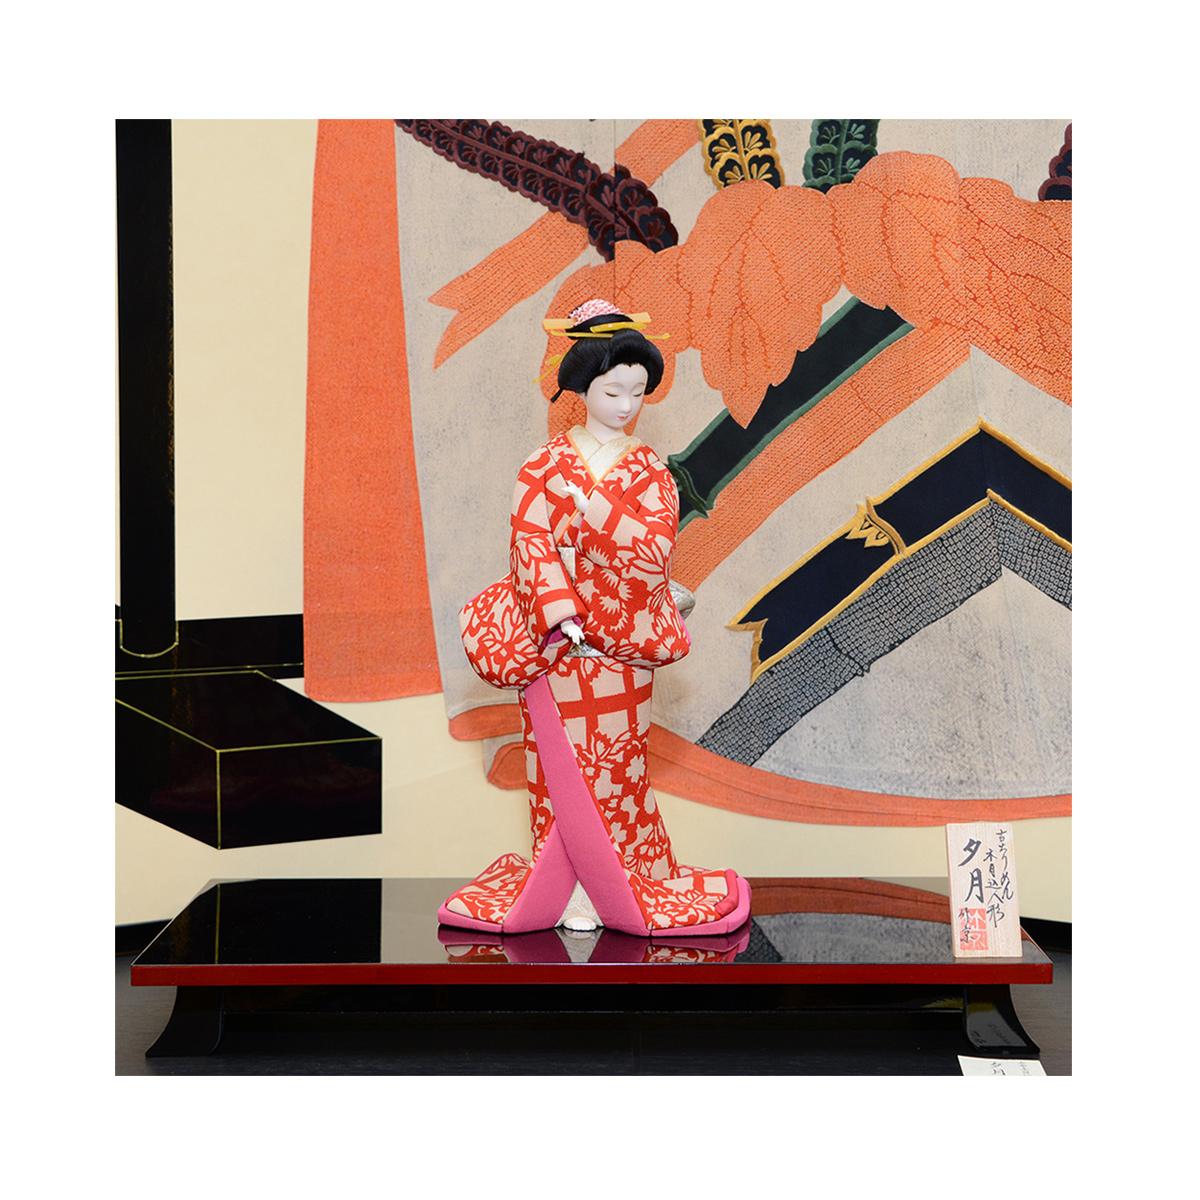 夕月 木目込み人形 京都くろちく和雑貨 木目込人形 買い取り 楽ギフ_のし 毎日続々入荷